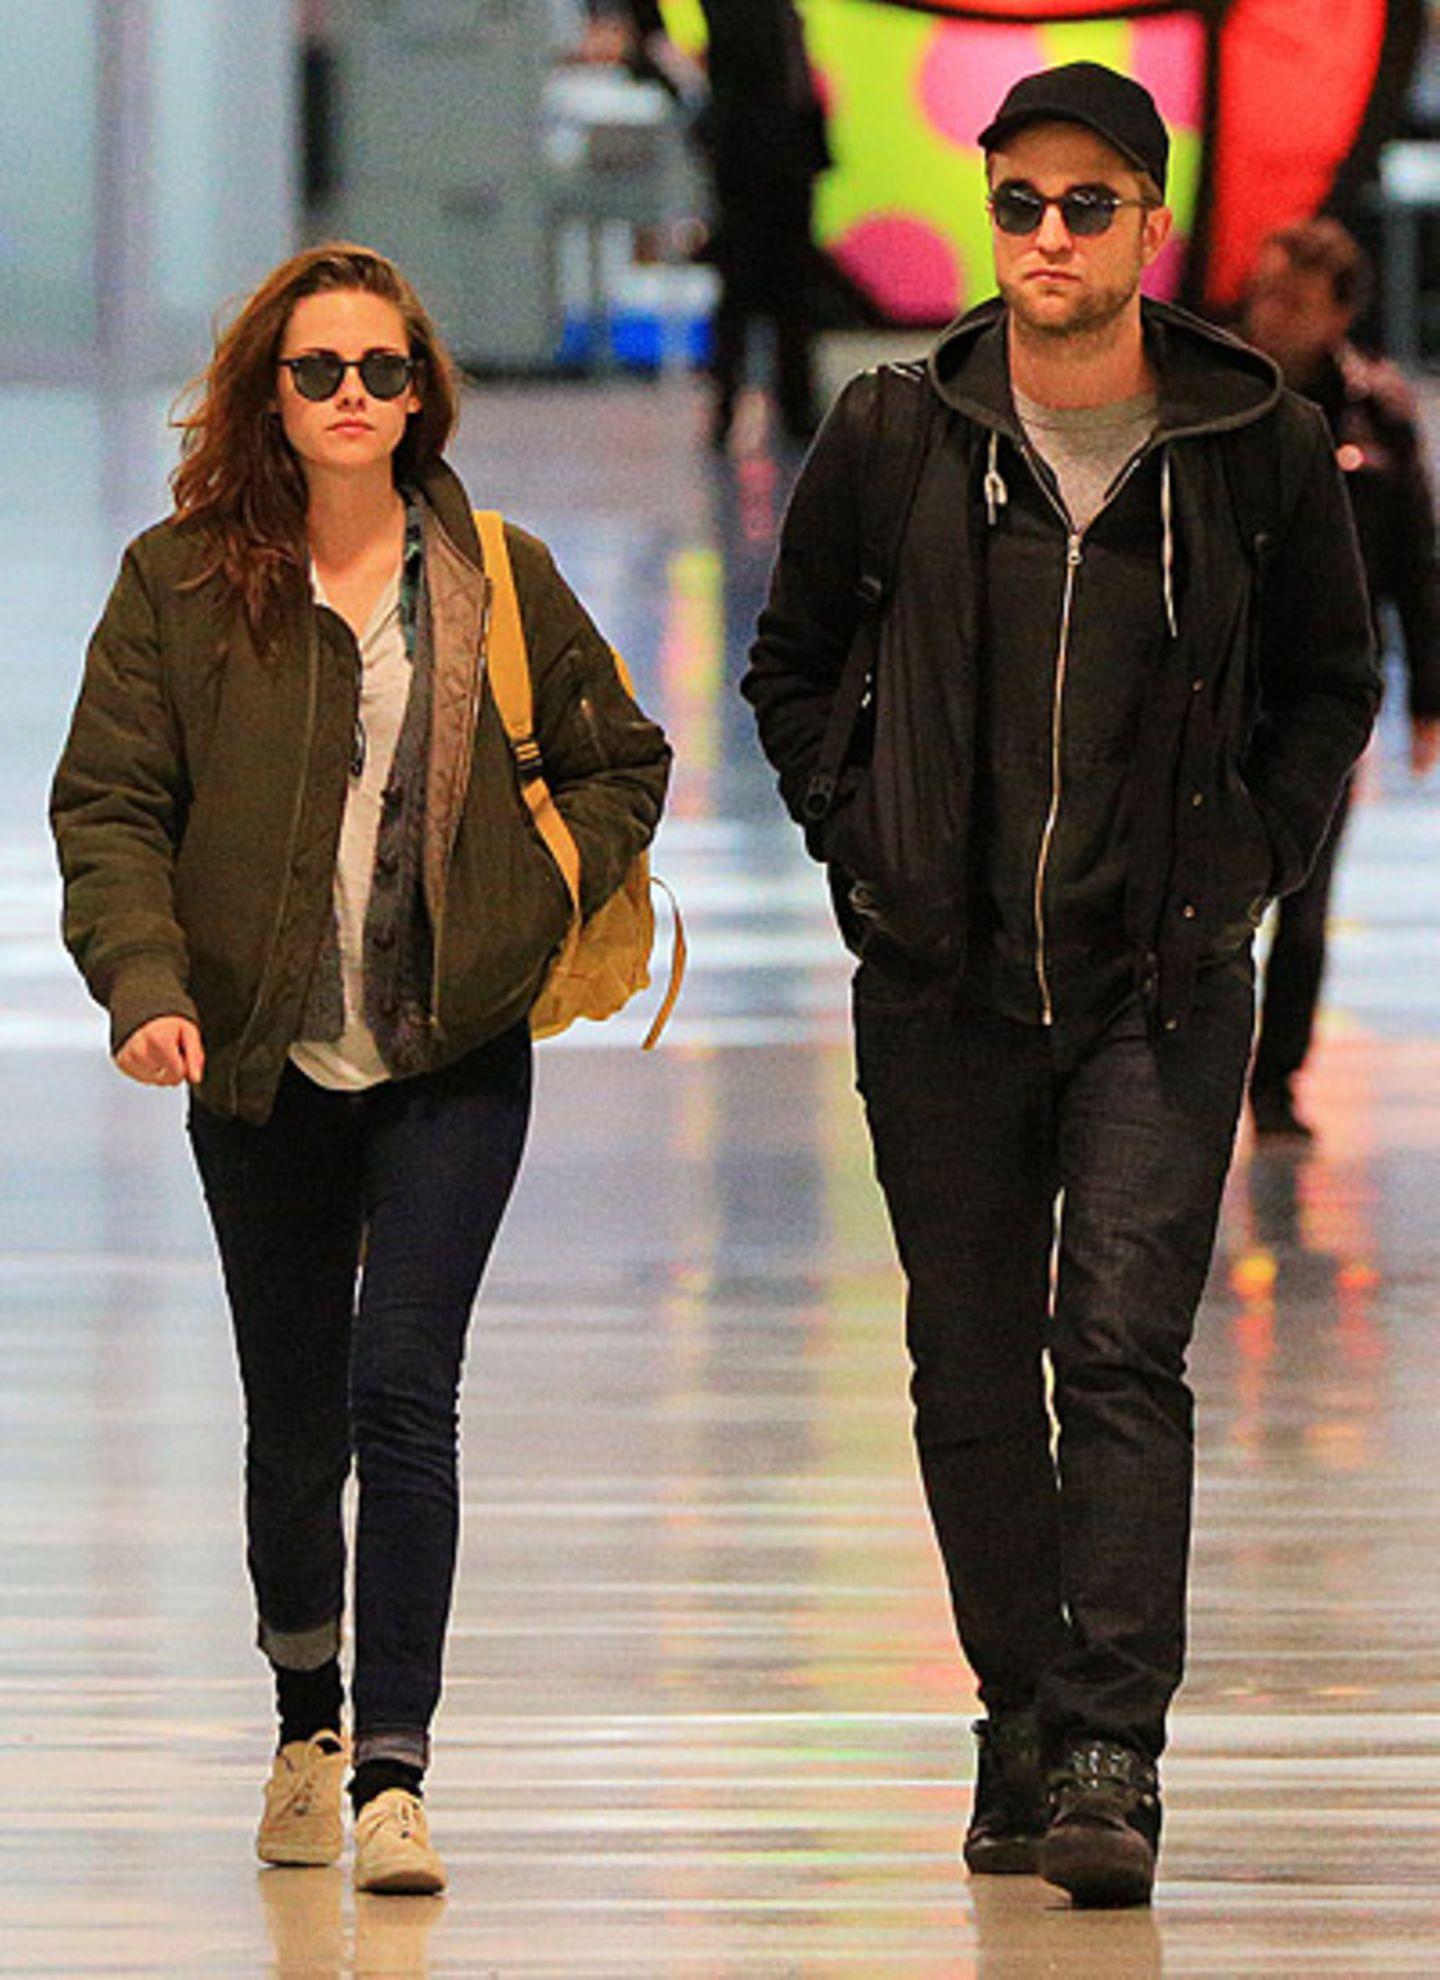 26. November 2012: Kristen Stewart und Robert Pattinson werden am JFK Airport in New York gesichtet.